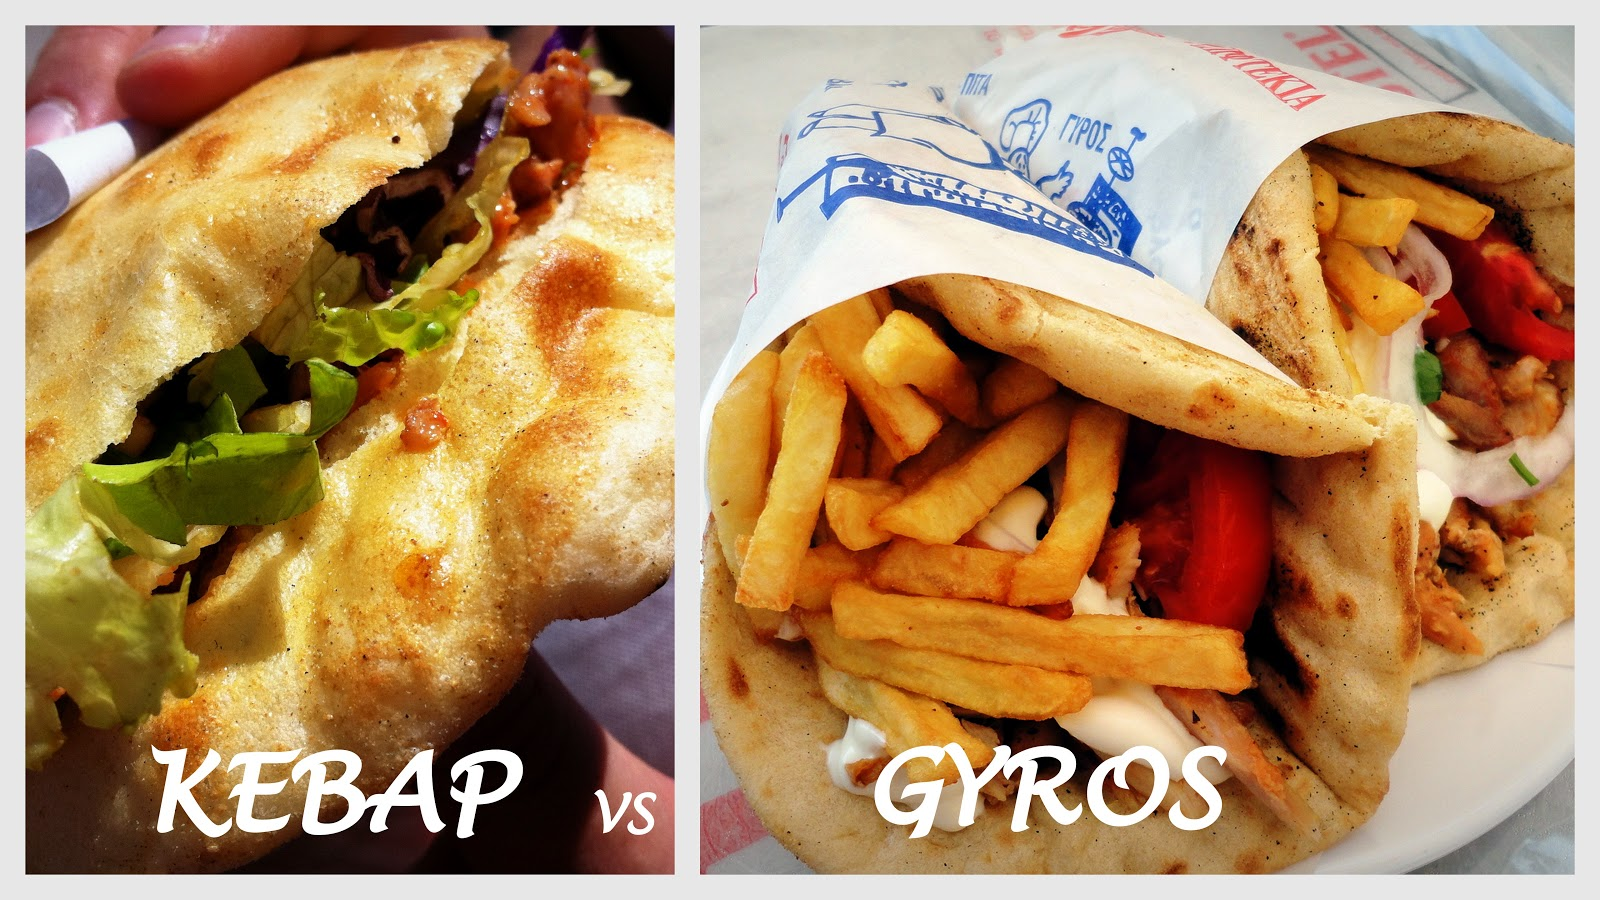 gyros vs kebab